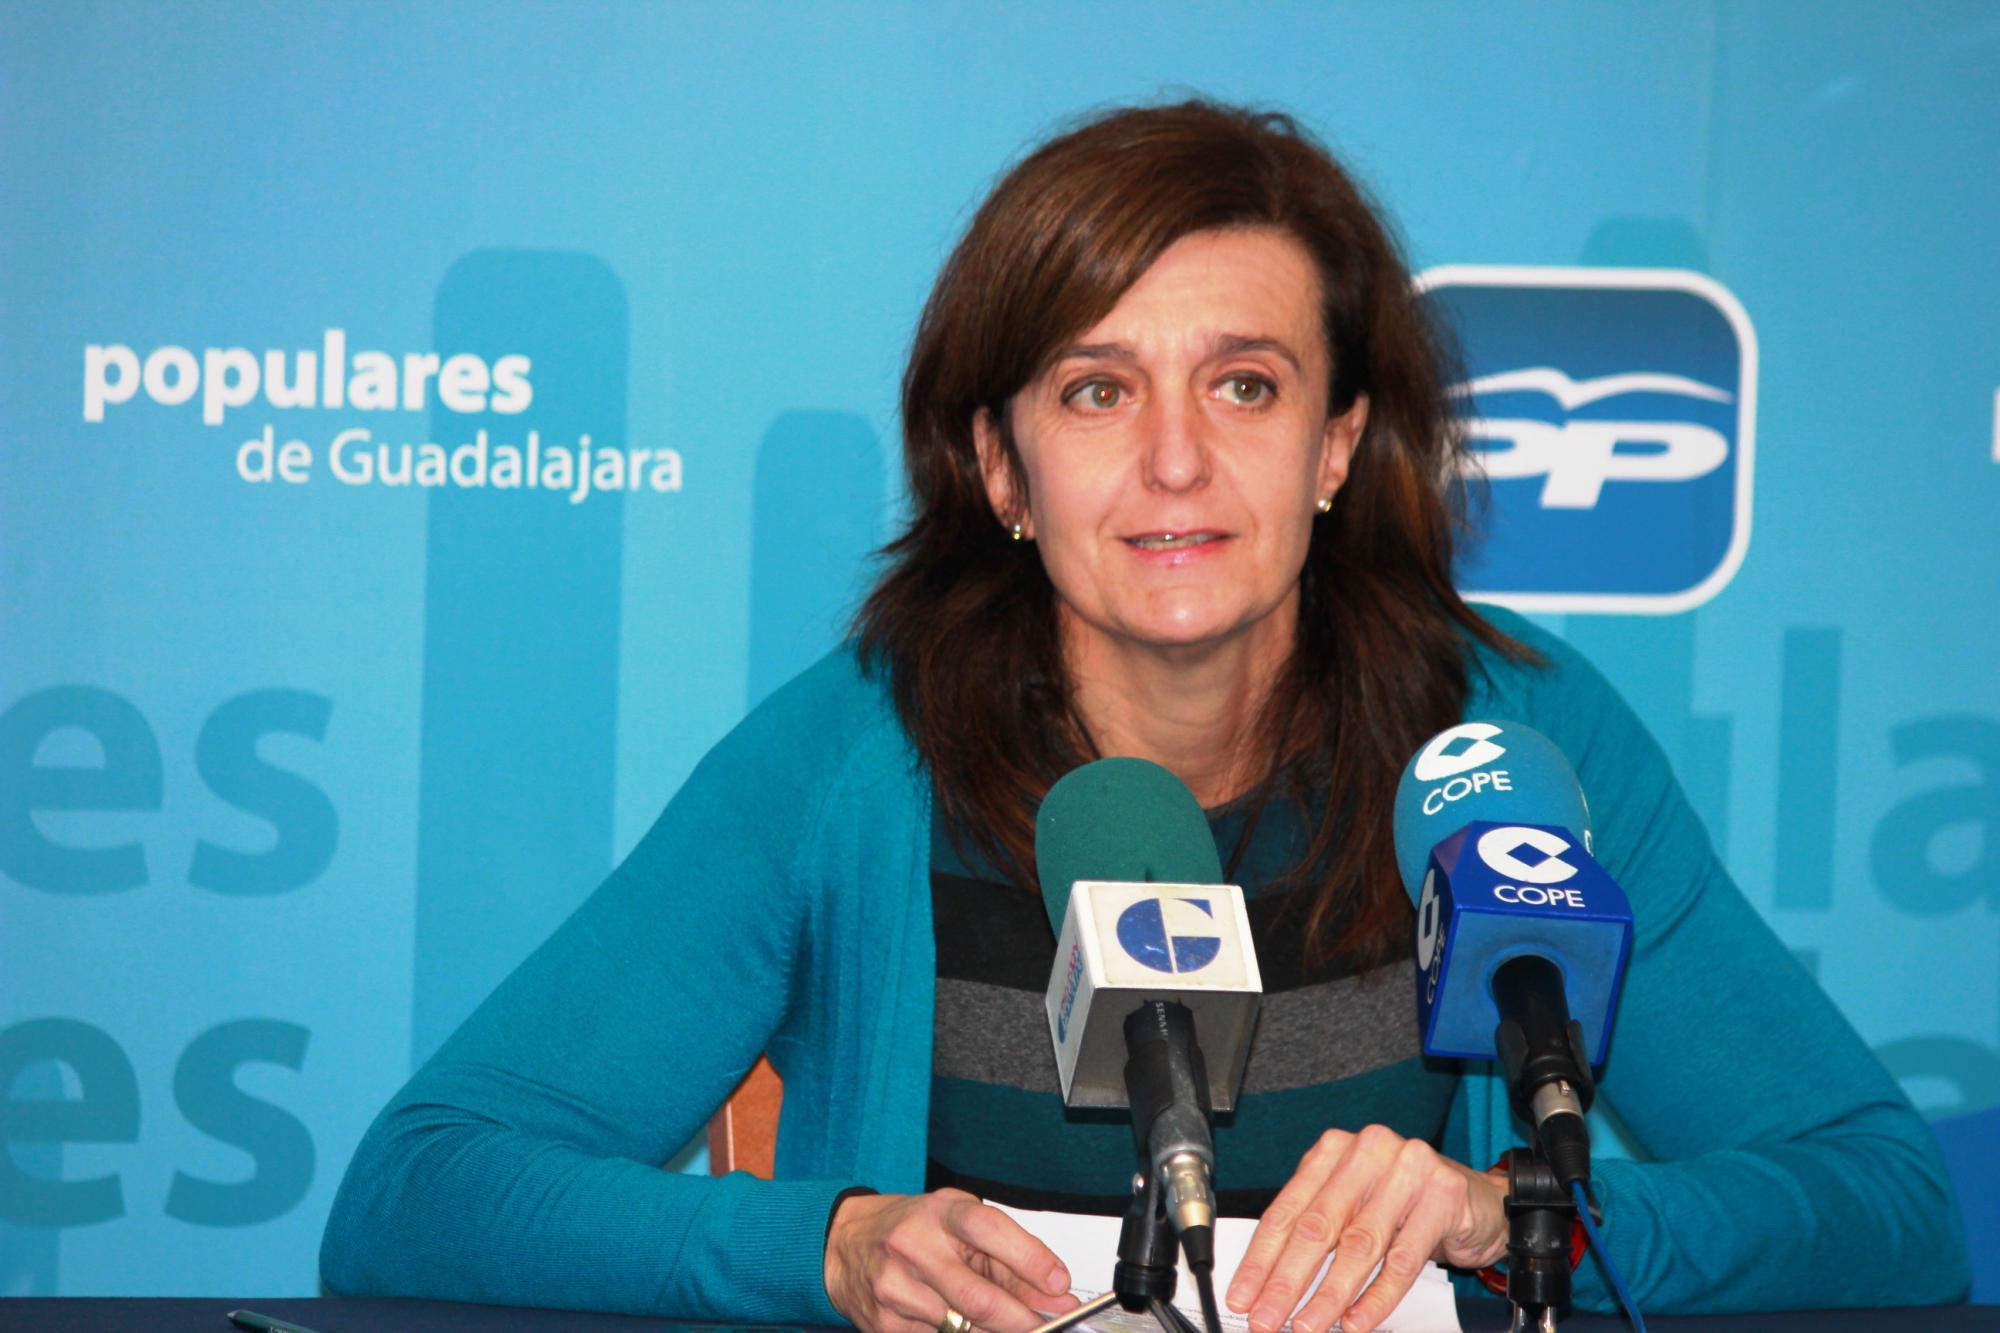 """Ana González: """"Más de 4.000 familias numerosas de Guadalajara se beneficiarán de la rebaja de impuestos del Gobierno"""""""